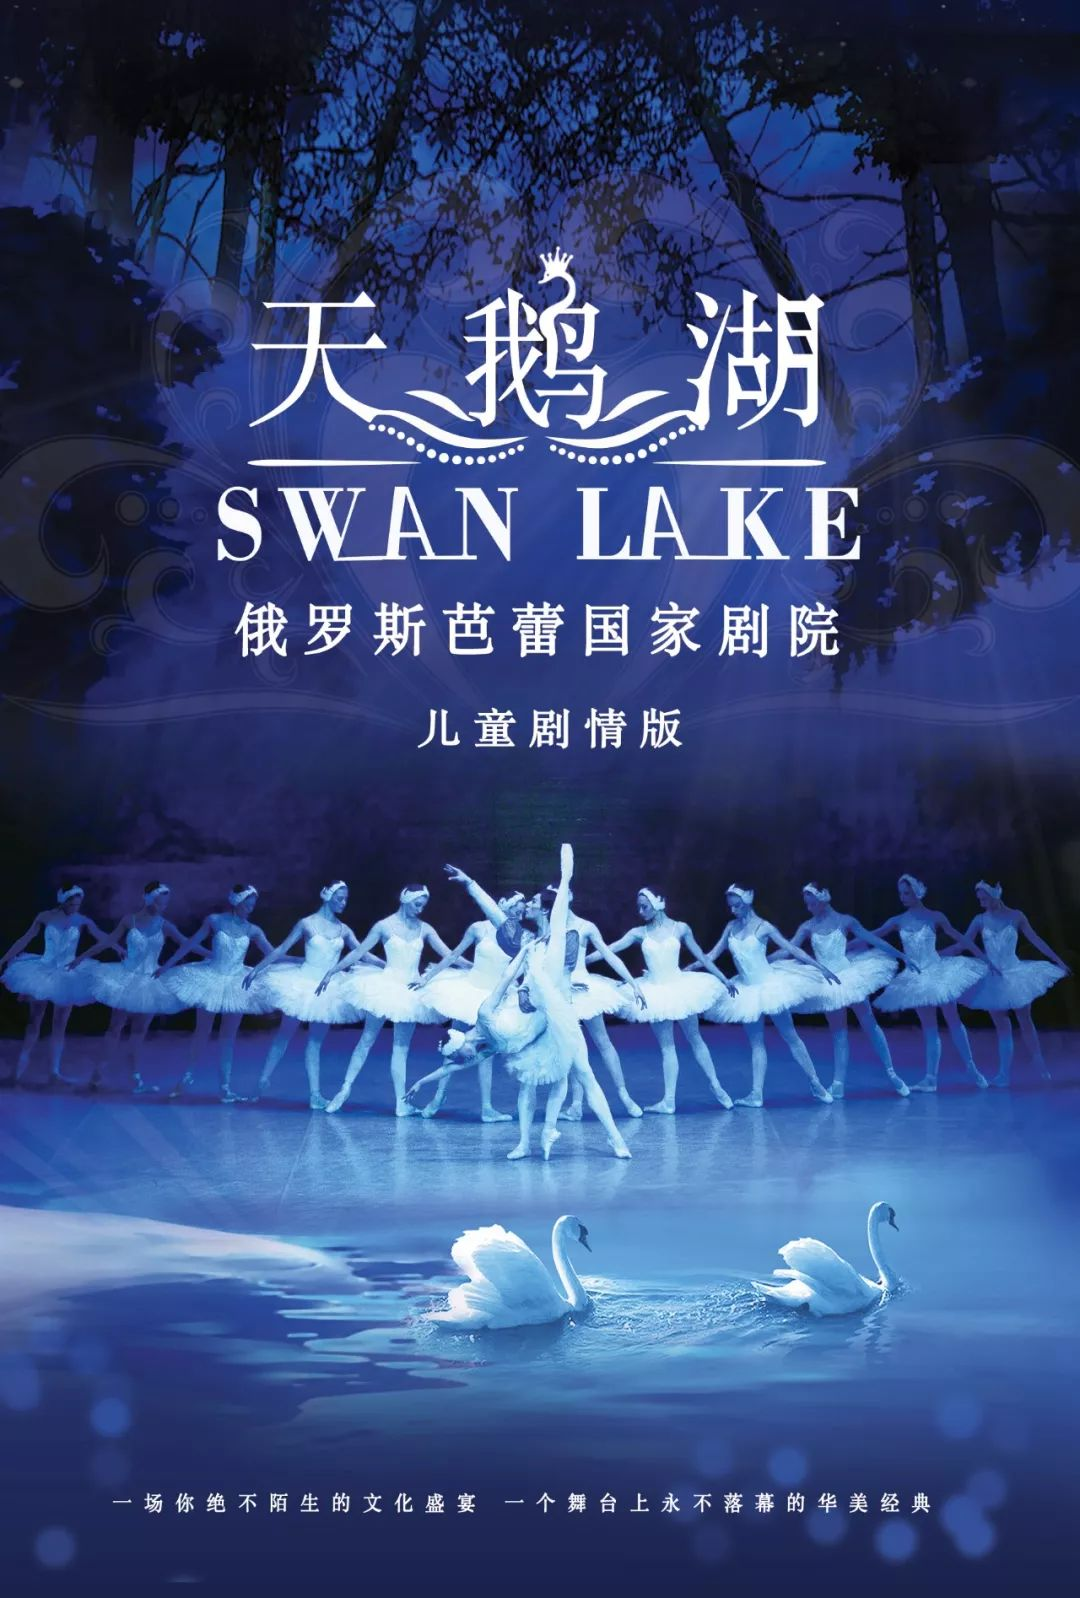 第二届武汉儿童戏剧节丨俄罗斯芭蕾国家剧院打造《天鹅湖》儿童剧情版图片